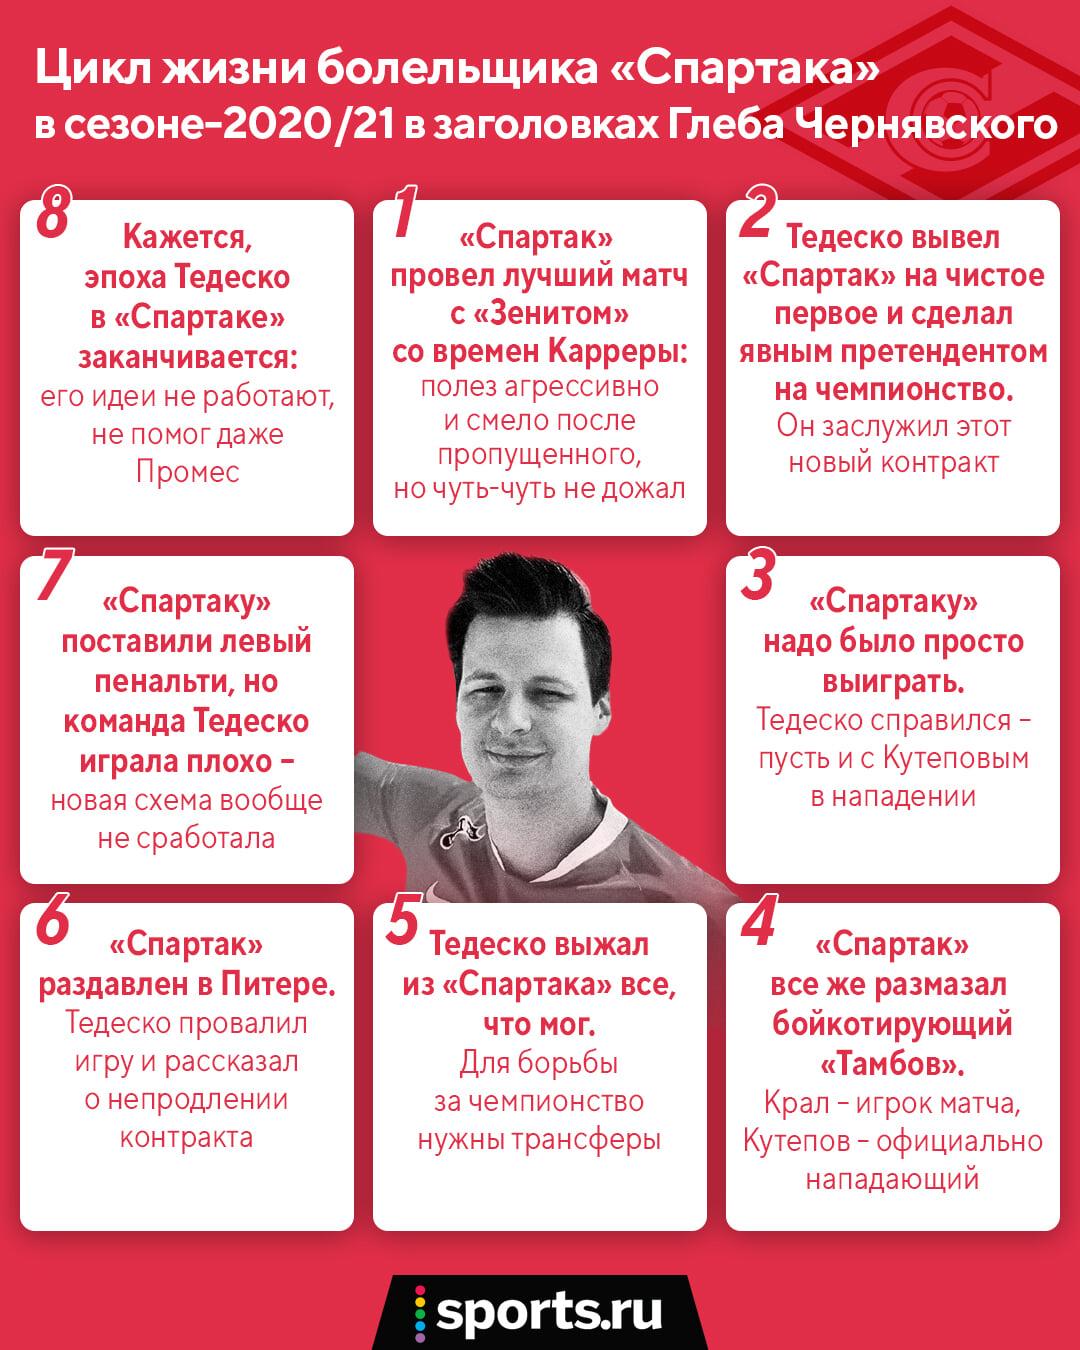 Новый цикл «Спартака» в заголовках Глеба Чернявского. От восхищения до разочарования в Тедеско